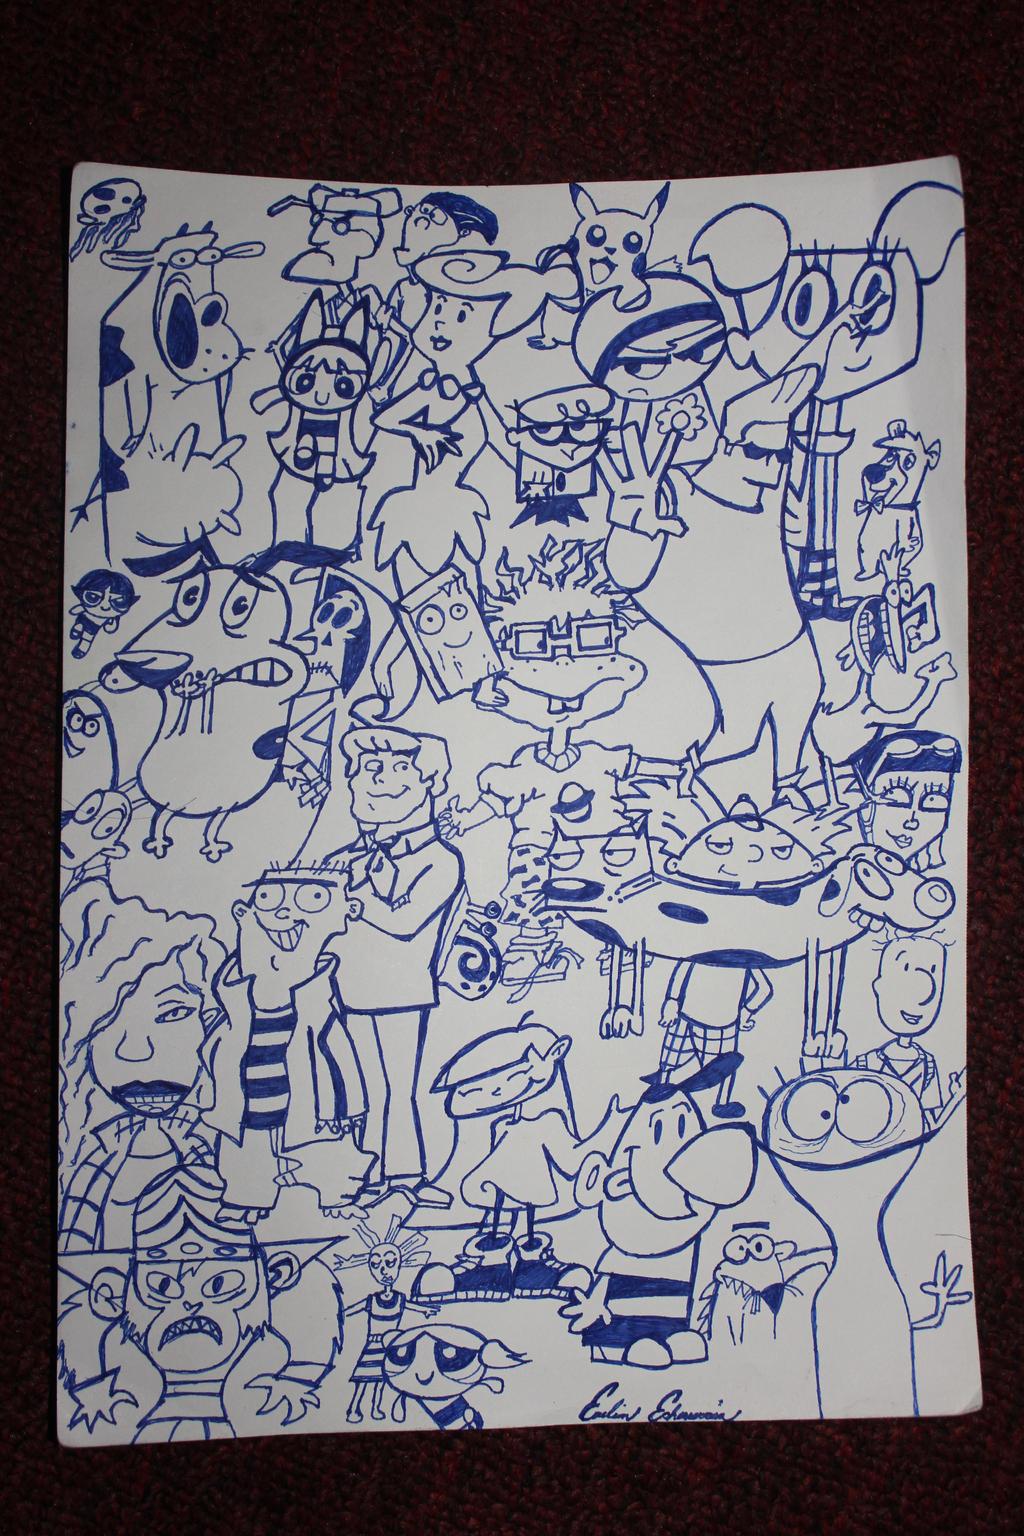 90's Cartoon 002 by eve747